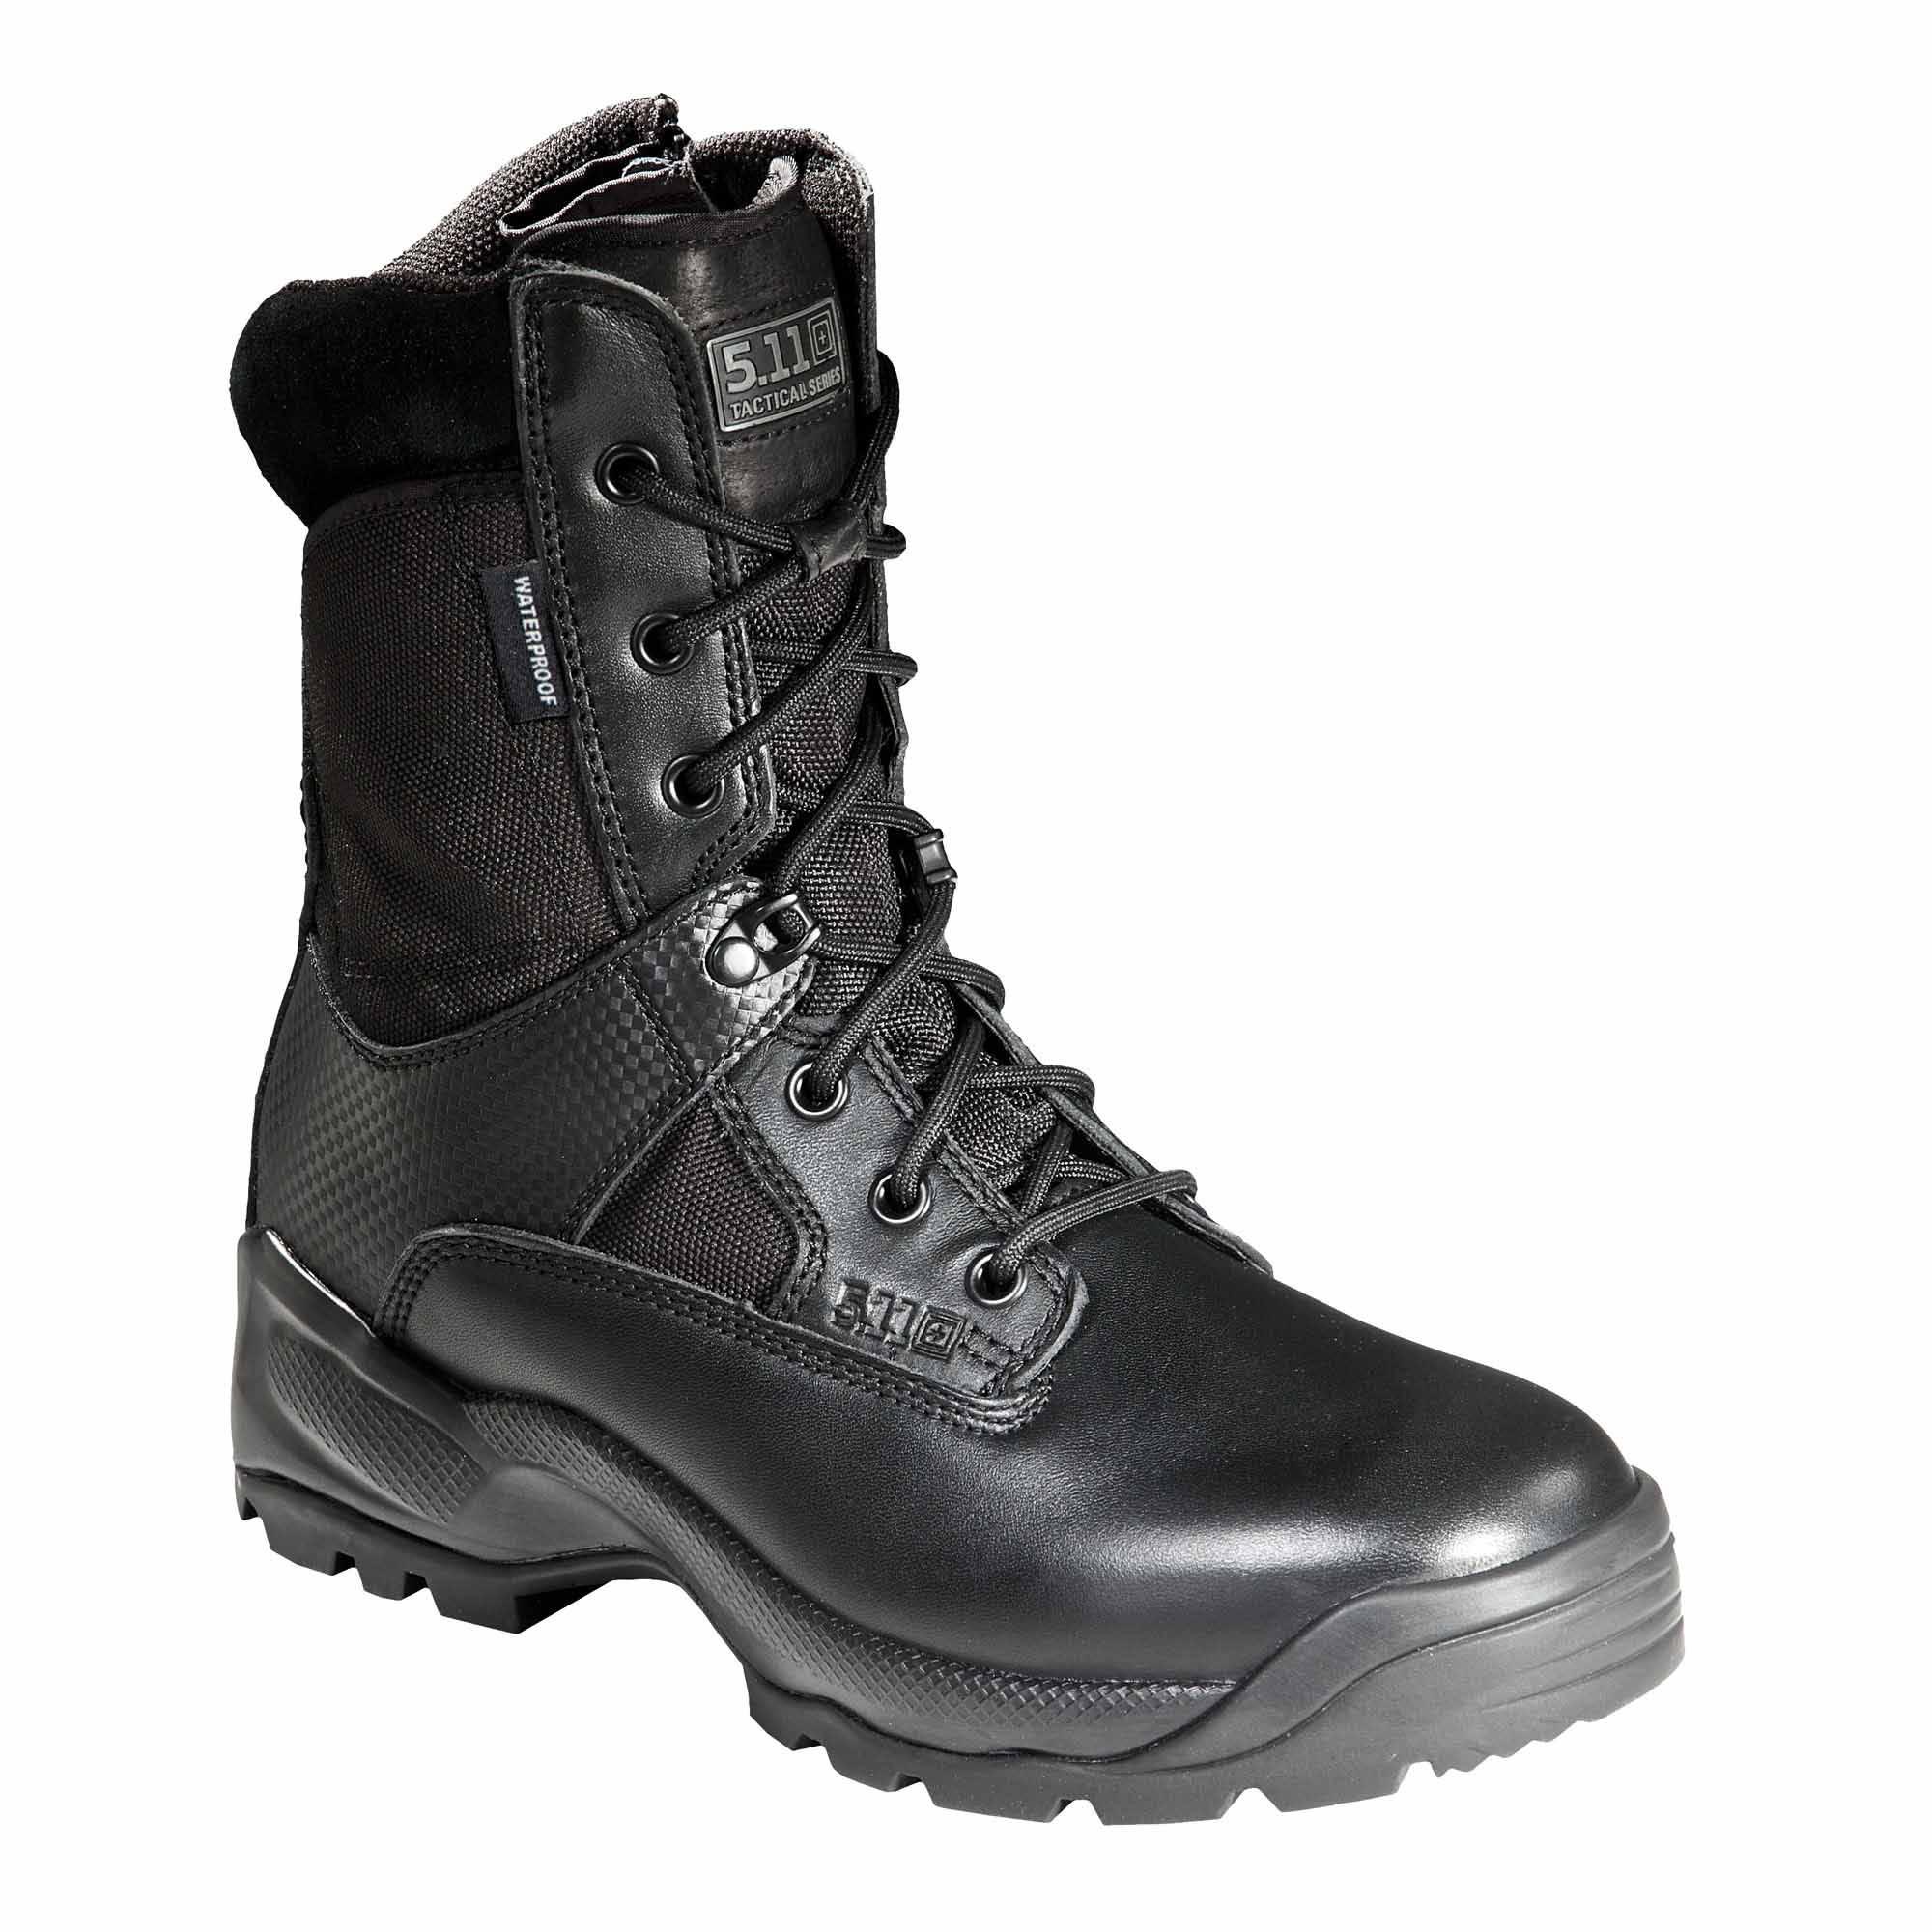 A.T.A.C.® Storm Boot